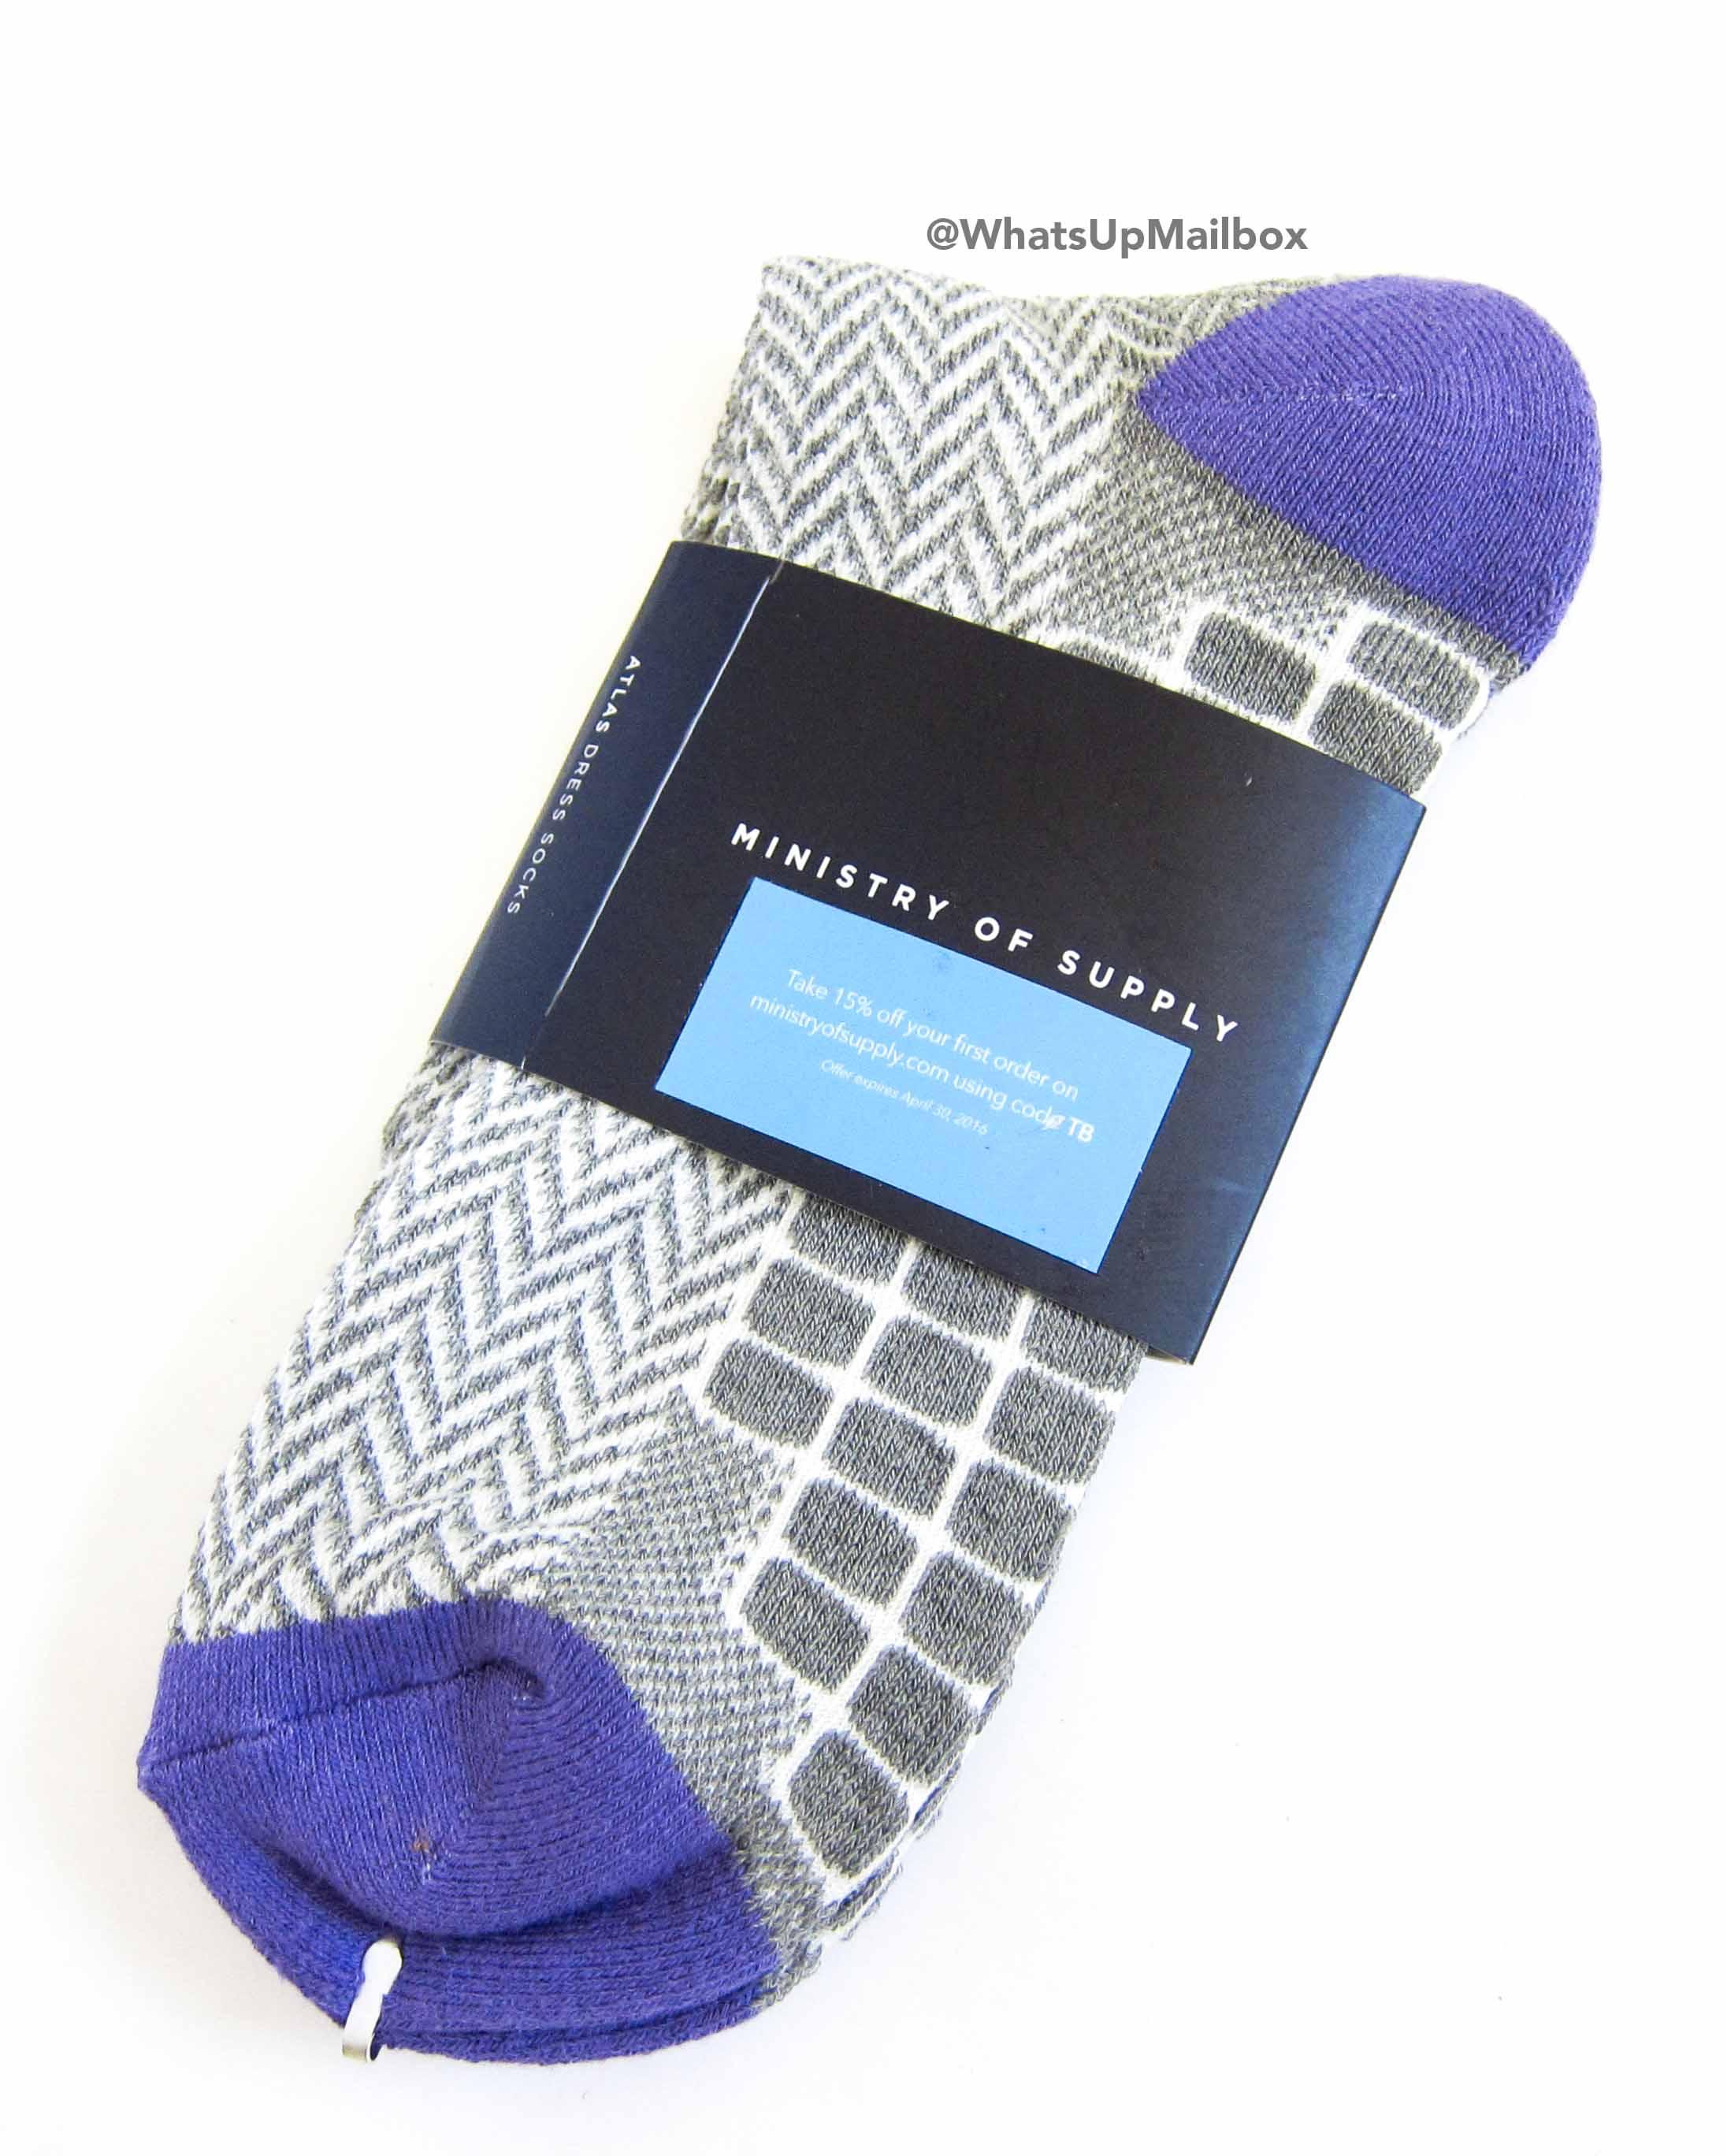 Trendy Butler - Ministry of Supply Socks